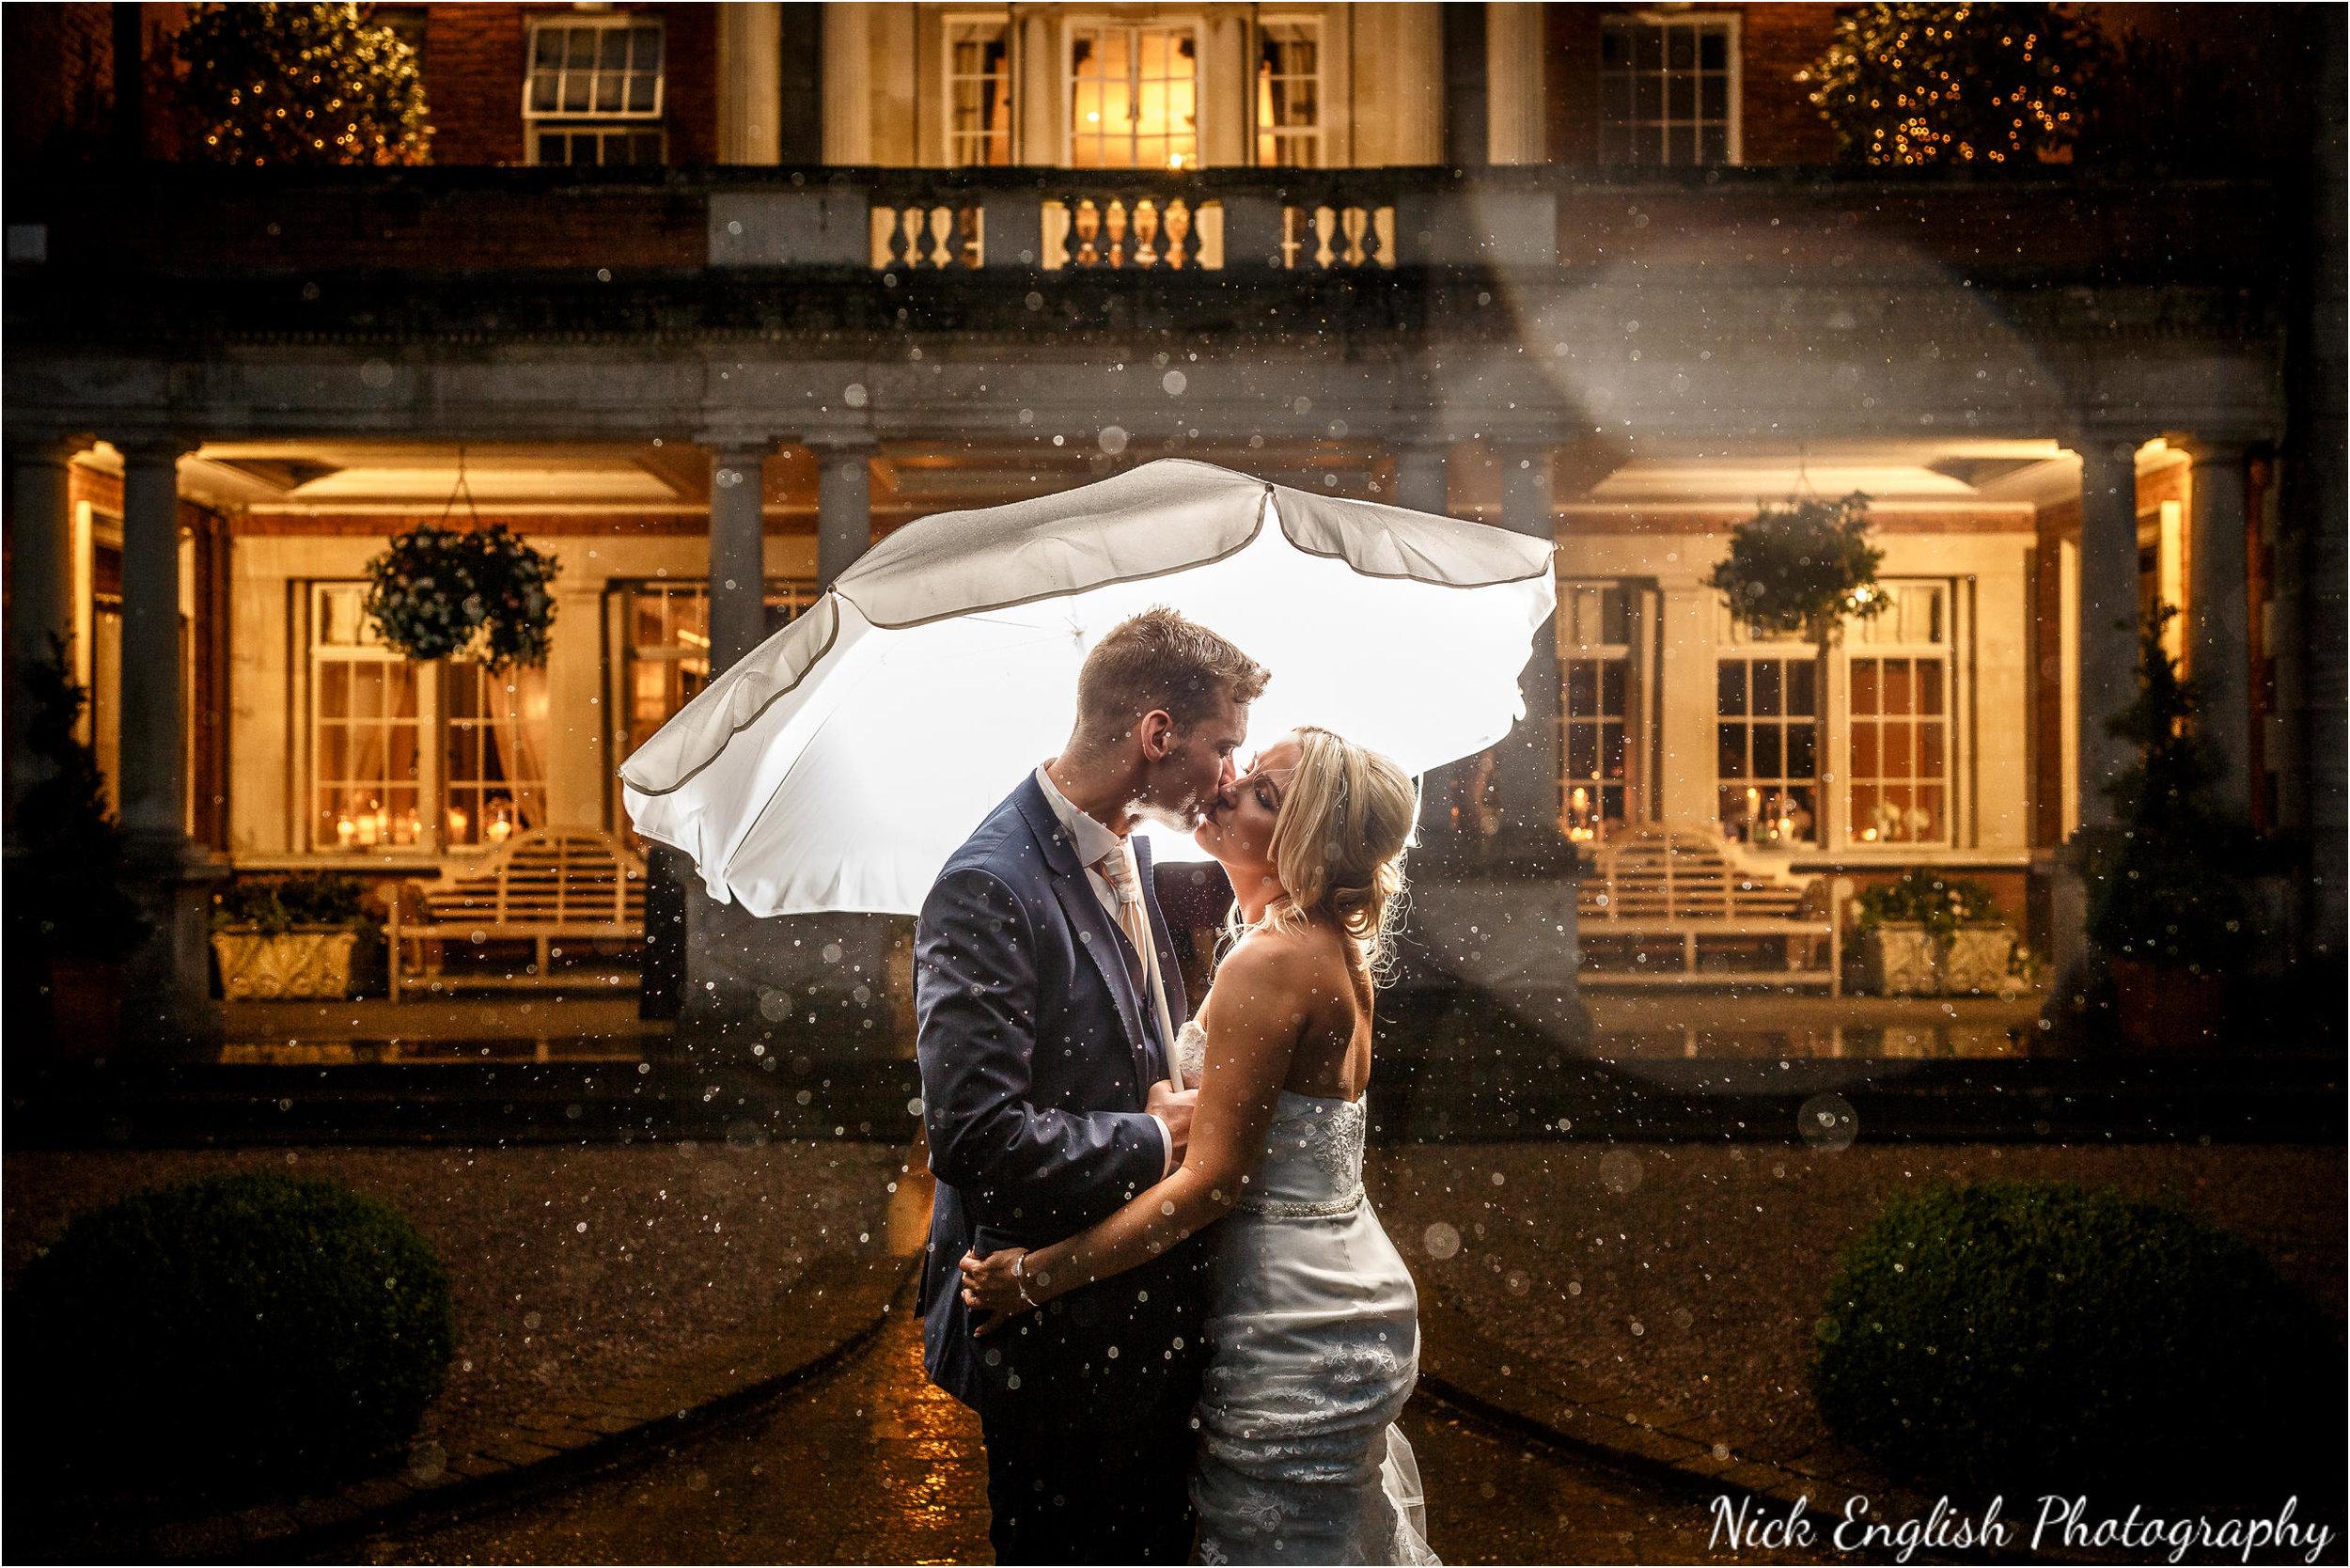 Eaves Hall Wedding Photoghraphy in the rain